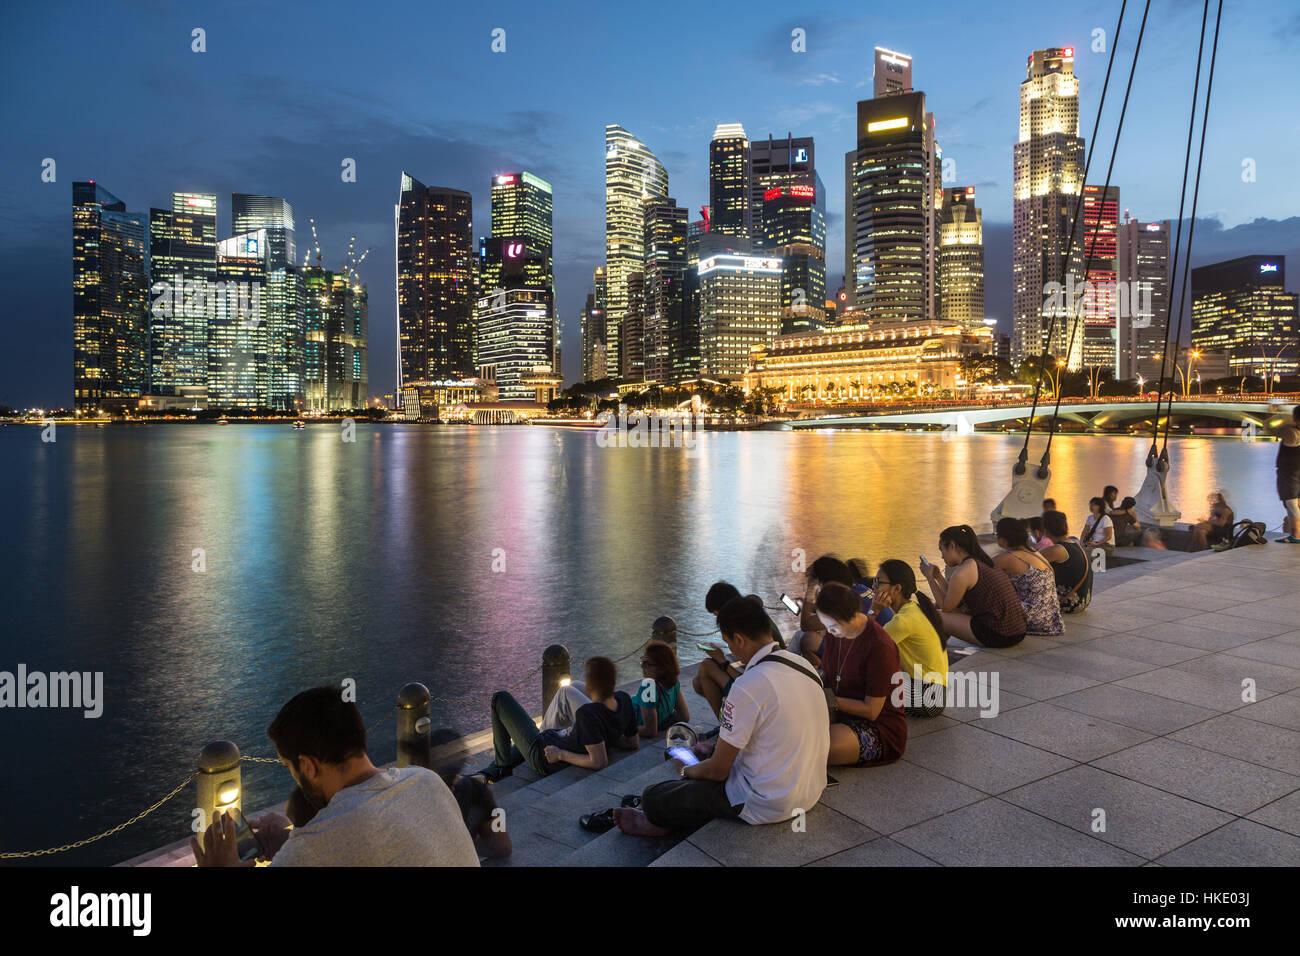 Singapur, Singapur - 22. Februar 2016: Touristen genießen Sie den Blick auf die berühmte Skyline von Singapur Stockbild